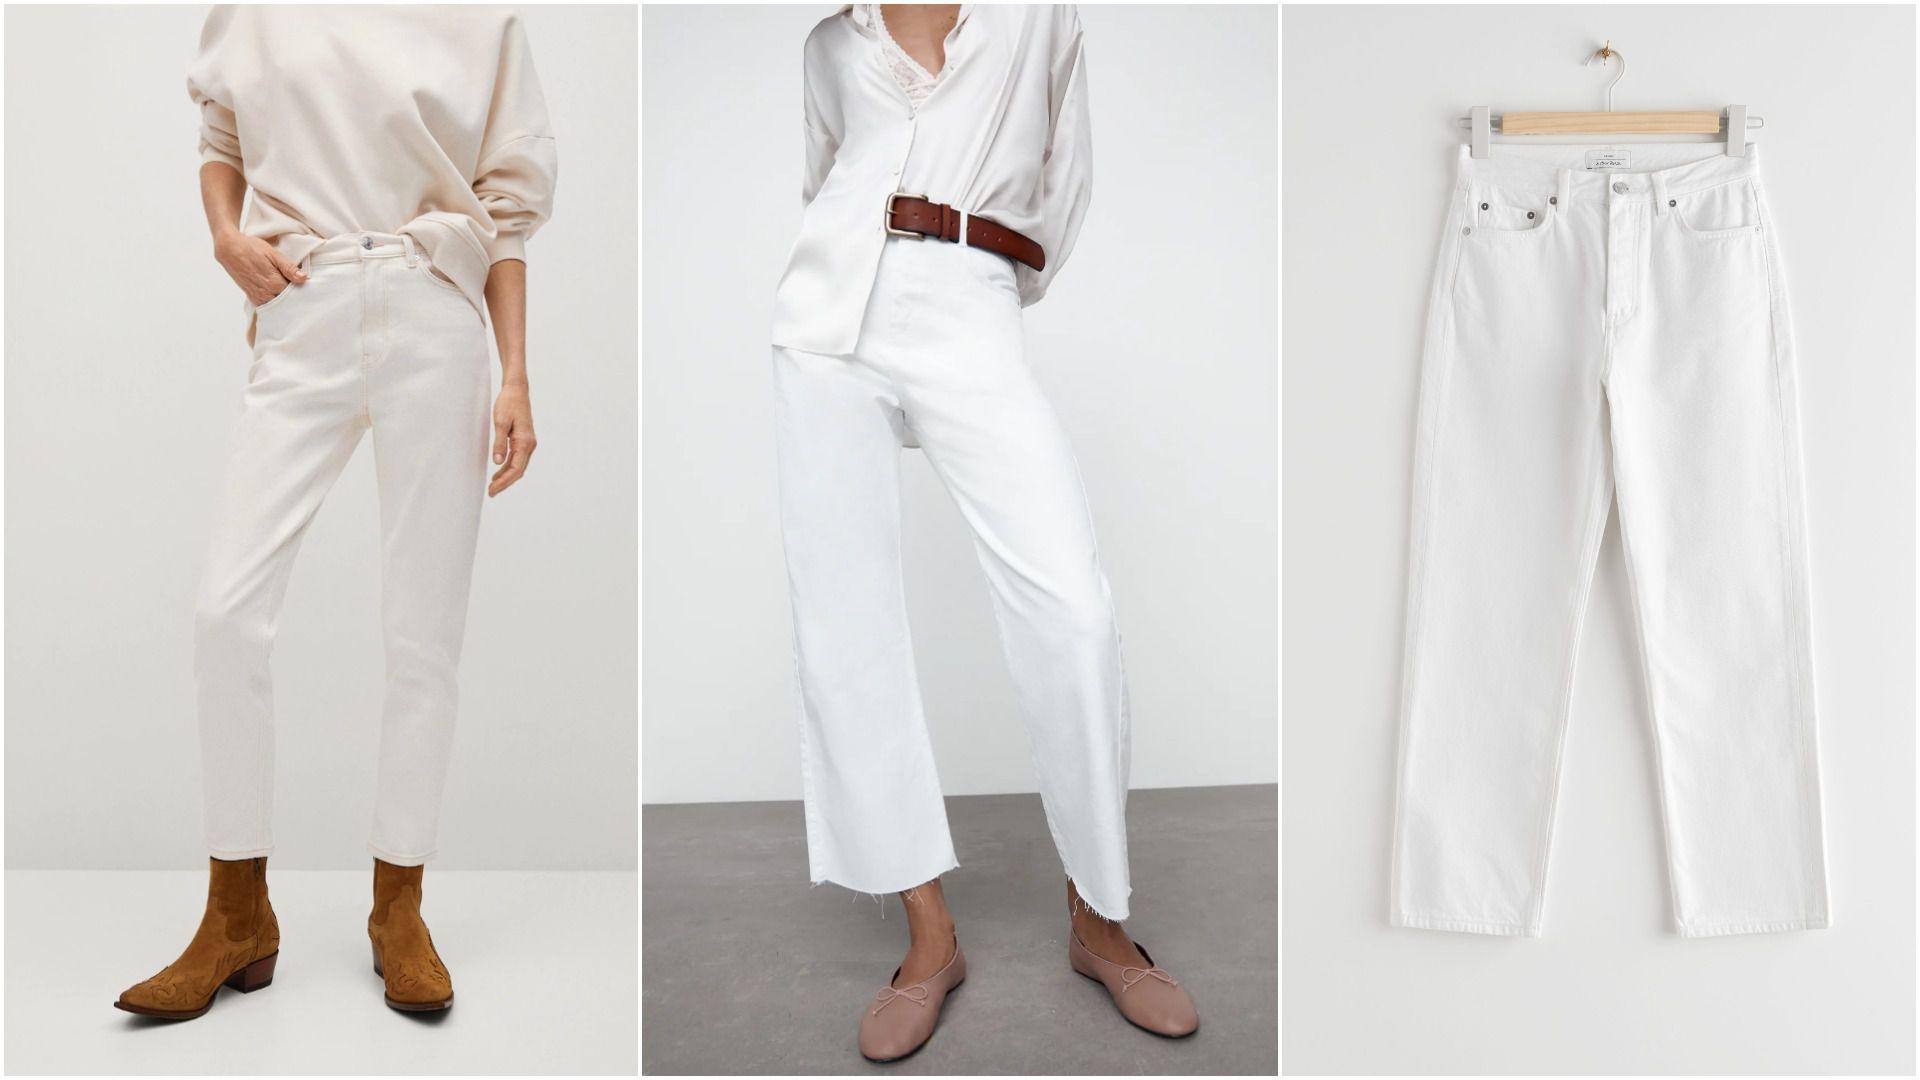 Bijeli jeans nosimo i ovog proljeća: U ponudi omiljenih dućana nikad nije bilo ovoliko super modela